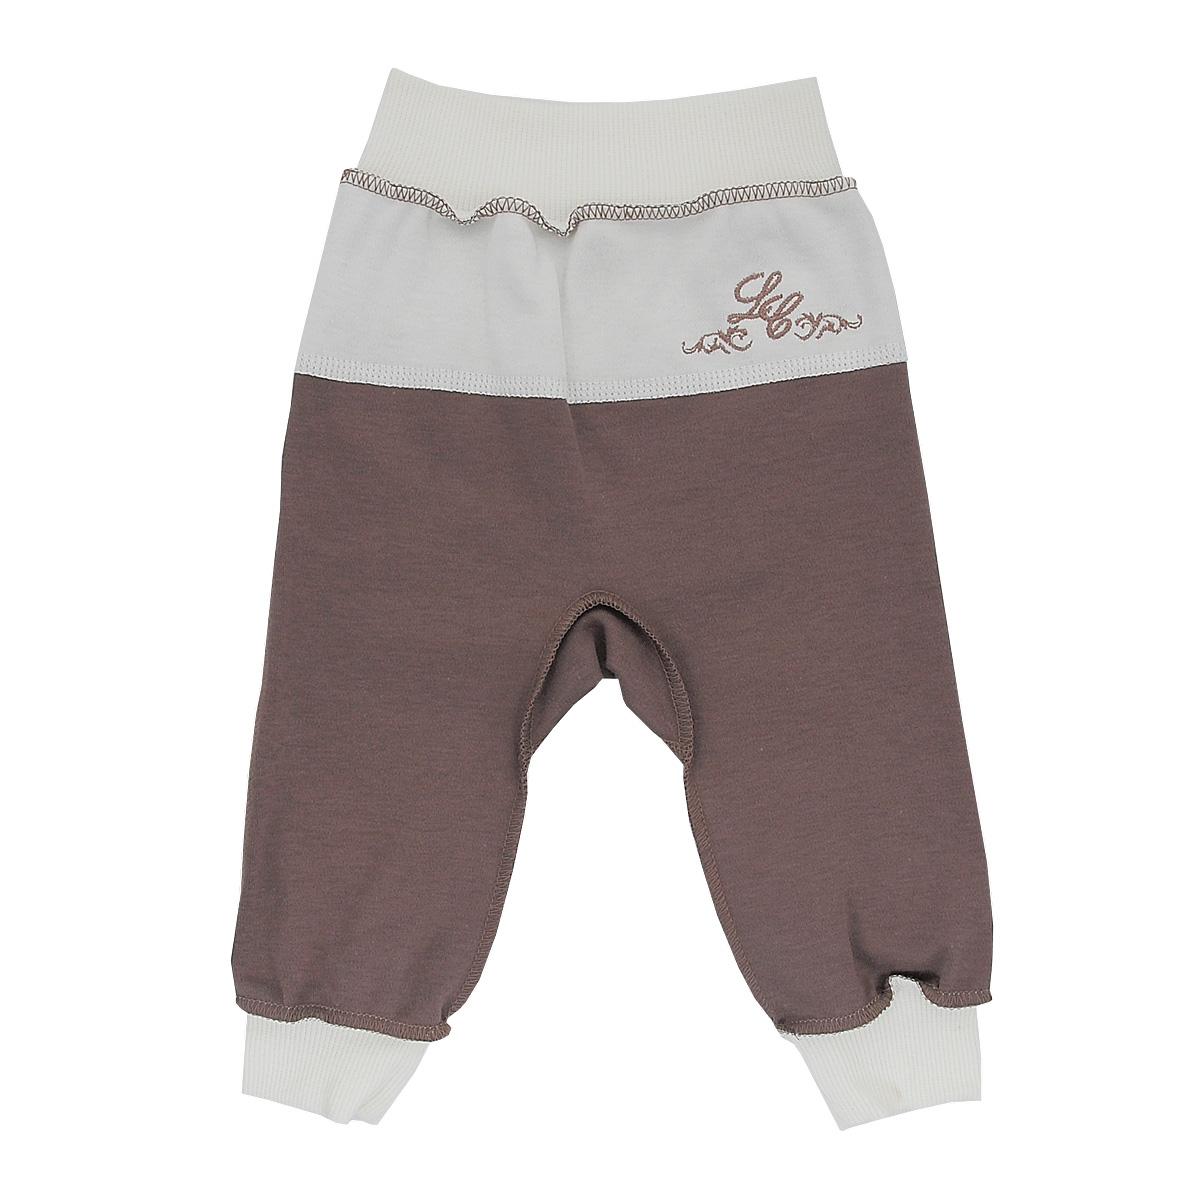 Брюки20-11Стильные брюки для мальчика Lucky Child станут прекрасным дополнением к гардеробу вашего малыша. Изготовленные из натурального хлопка, они необычайно мягкие и приятные на ощупь, не сковывают движения ребенка и позволяют коже дышать, не раздражают даже самую нежную и чувствительную кожу ребенка, обеспечивая ему наибольший комфорт. Брюки выполнены швами наружу, на талии имеют широкую эластичную резинку, благодаря чему они не сдавливают животик ребенка и не сползают. Снизу брючины дополнены широкими трикотажными манжетами. Спереди брюки дополнены контрастной вставкой, оформленной вышивкой. В таких брюках ваш ребенок будет чувствовать себя уютно и комфортно и всегда будет в центре внимания!